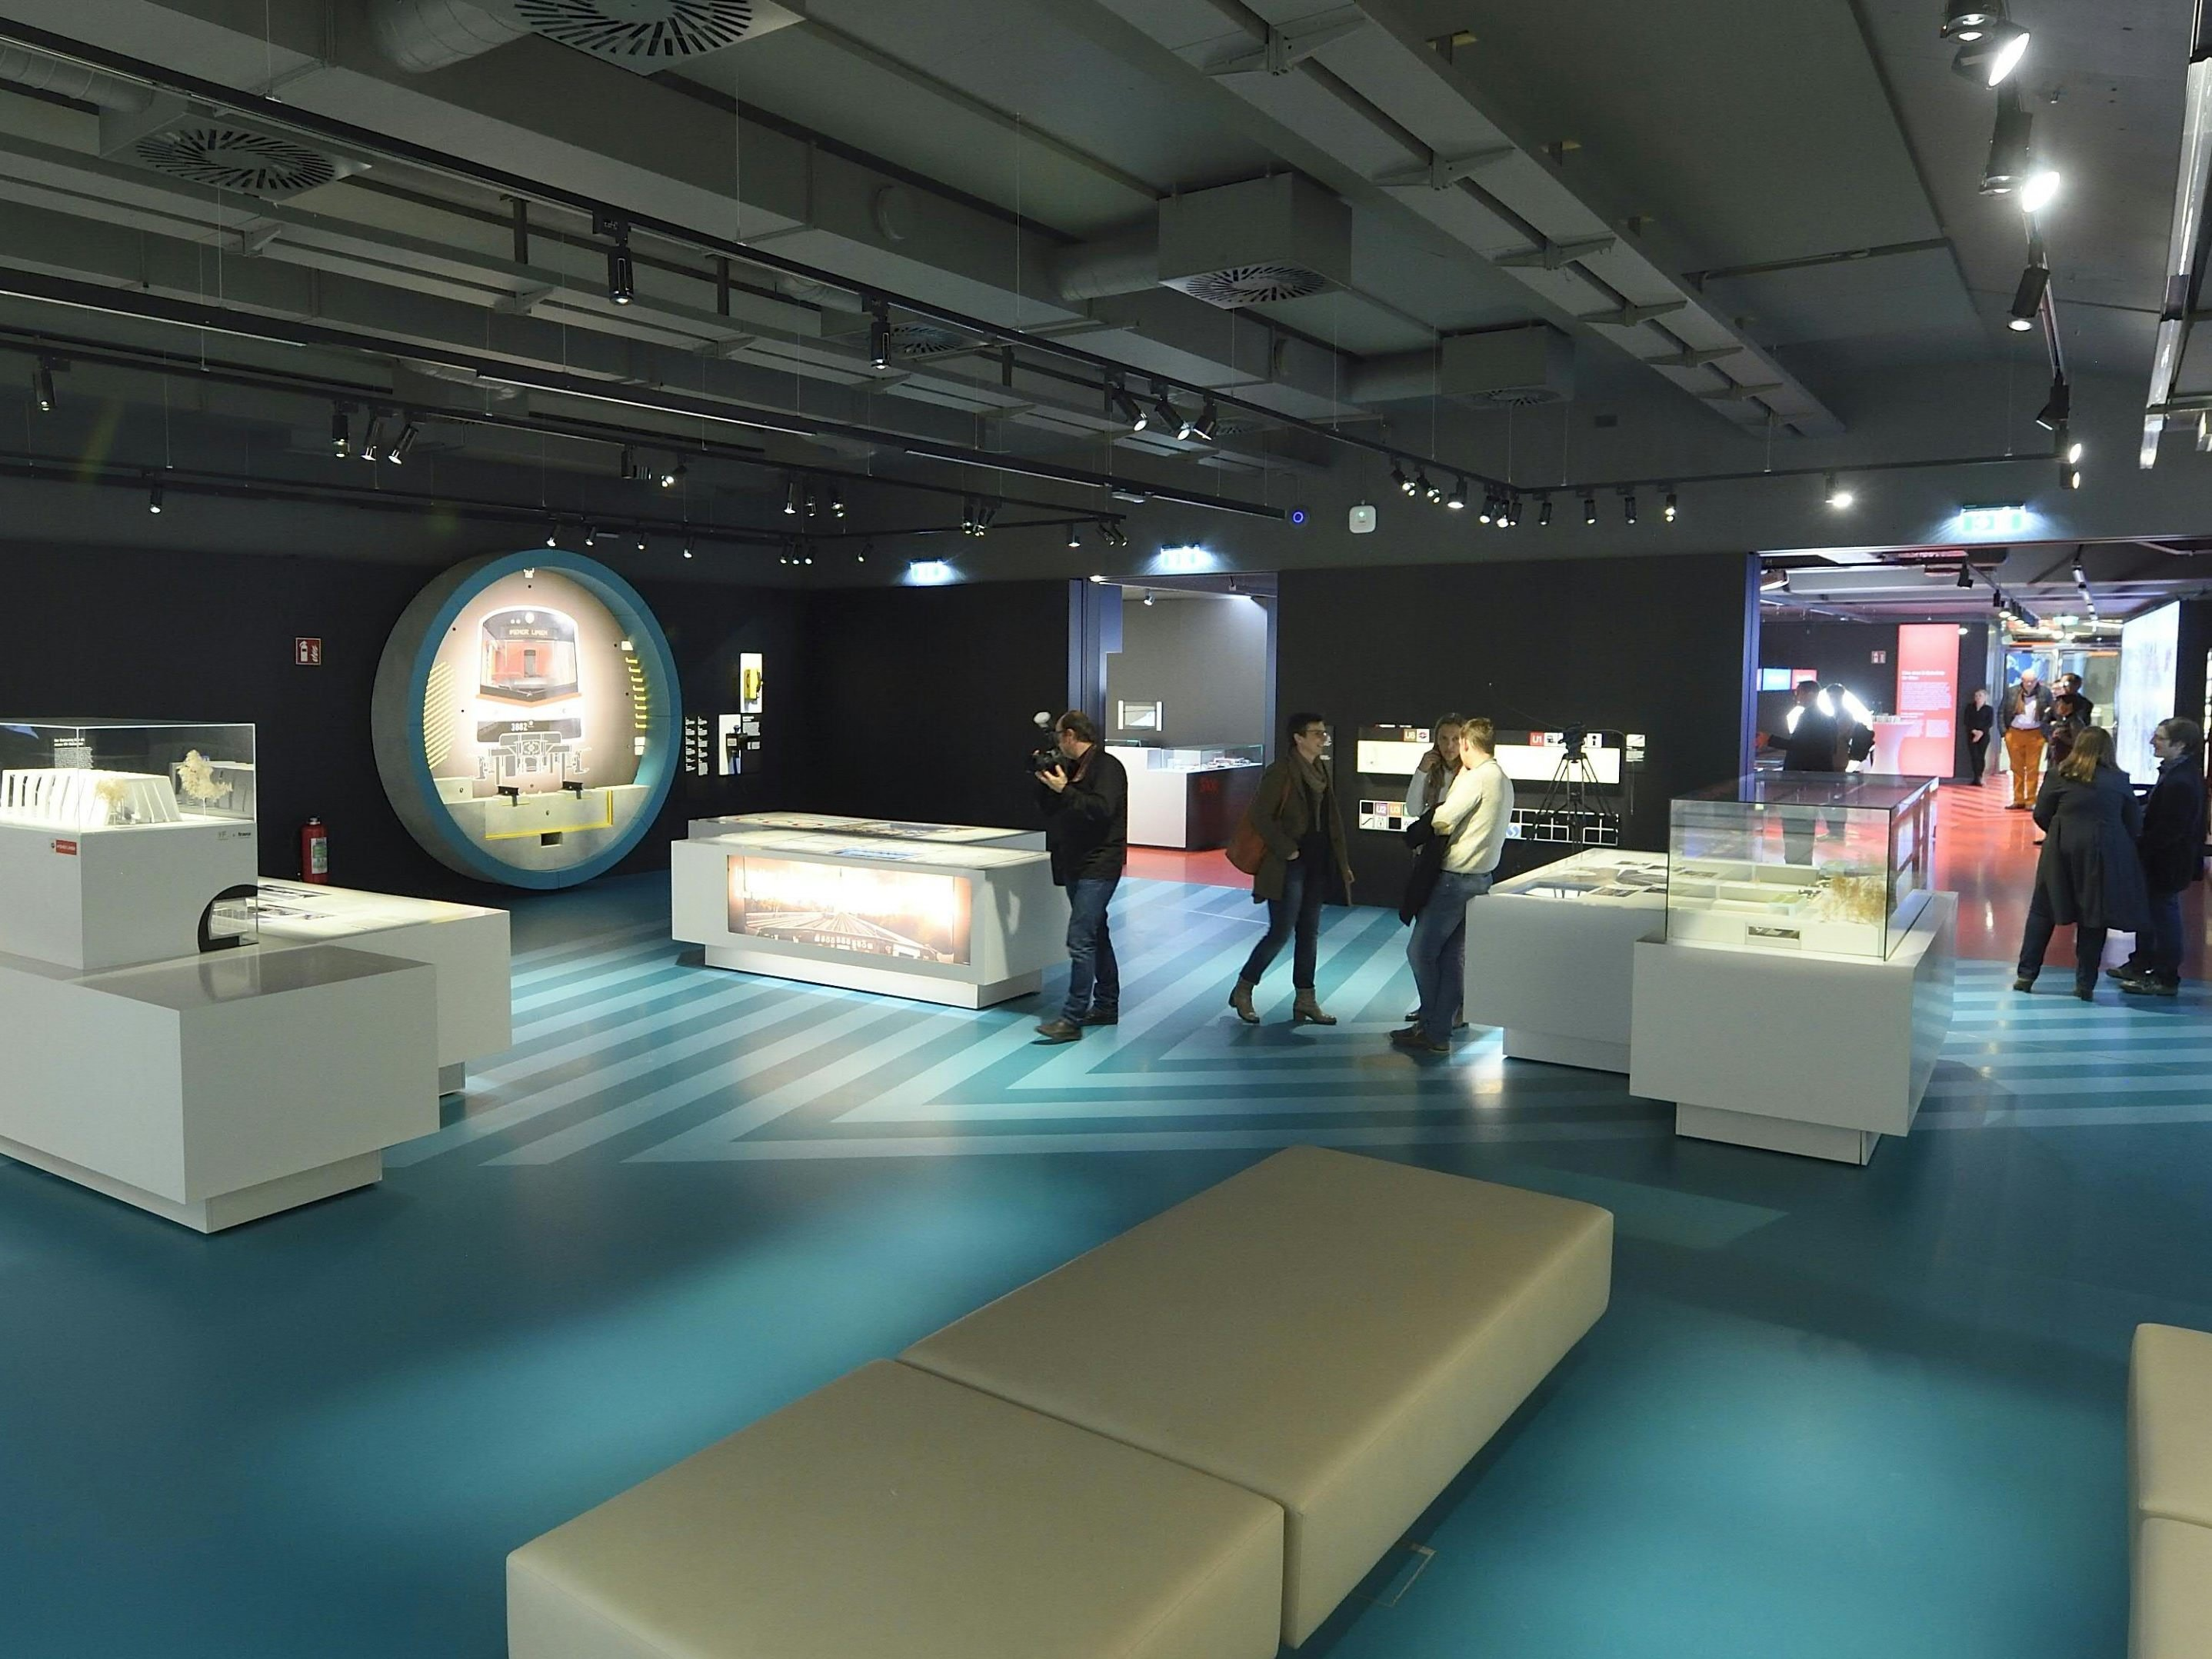 Infocenter Zu U2u5 In Wien Erweitert öffnungszeiten Wien Aktuell